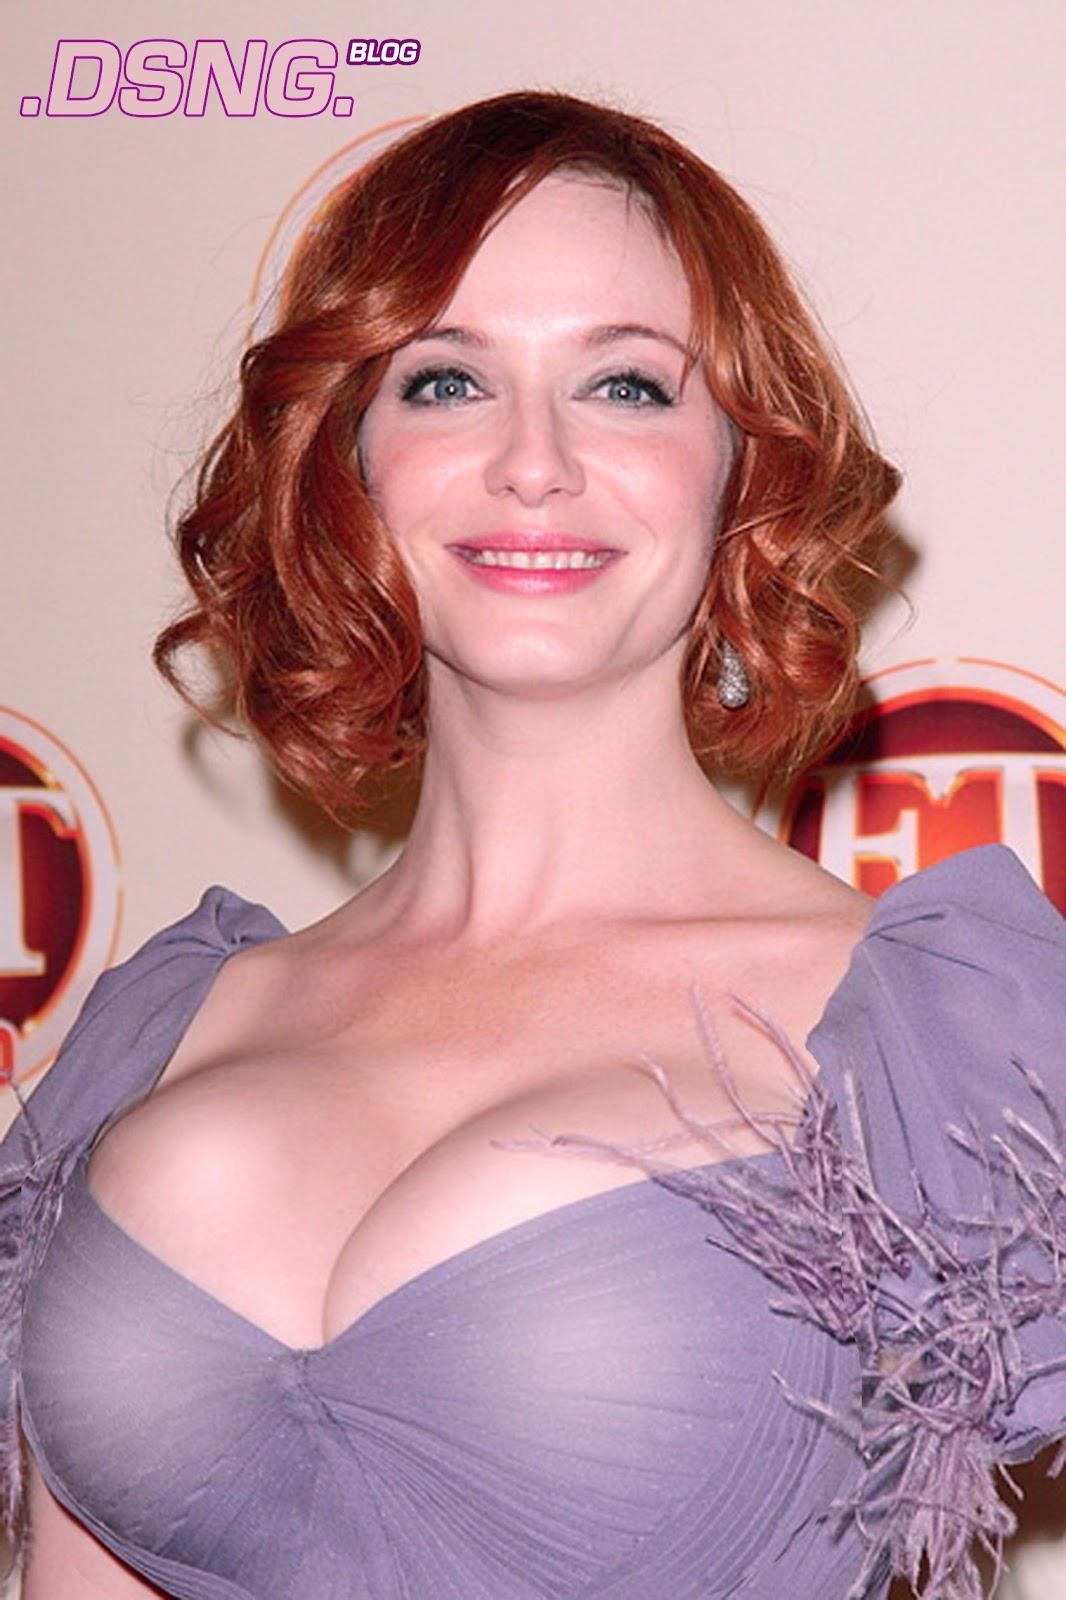 movie-stars-big-tits-video-wife-teasing-nipples